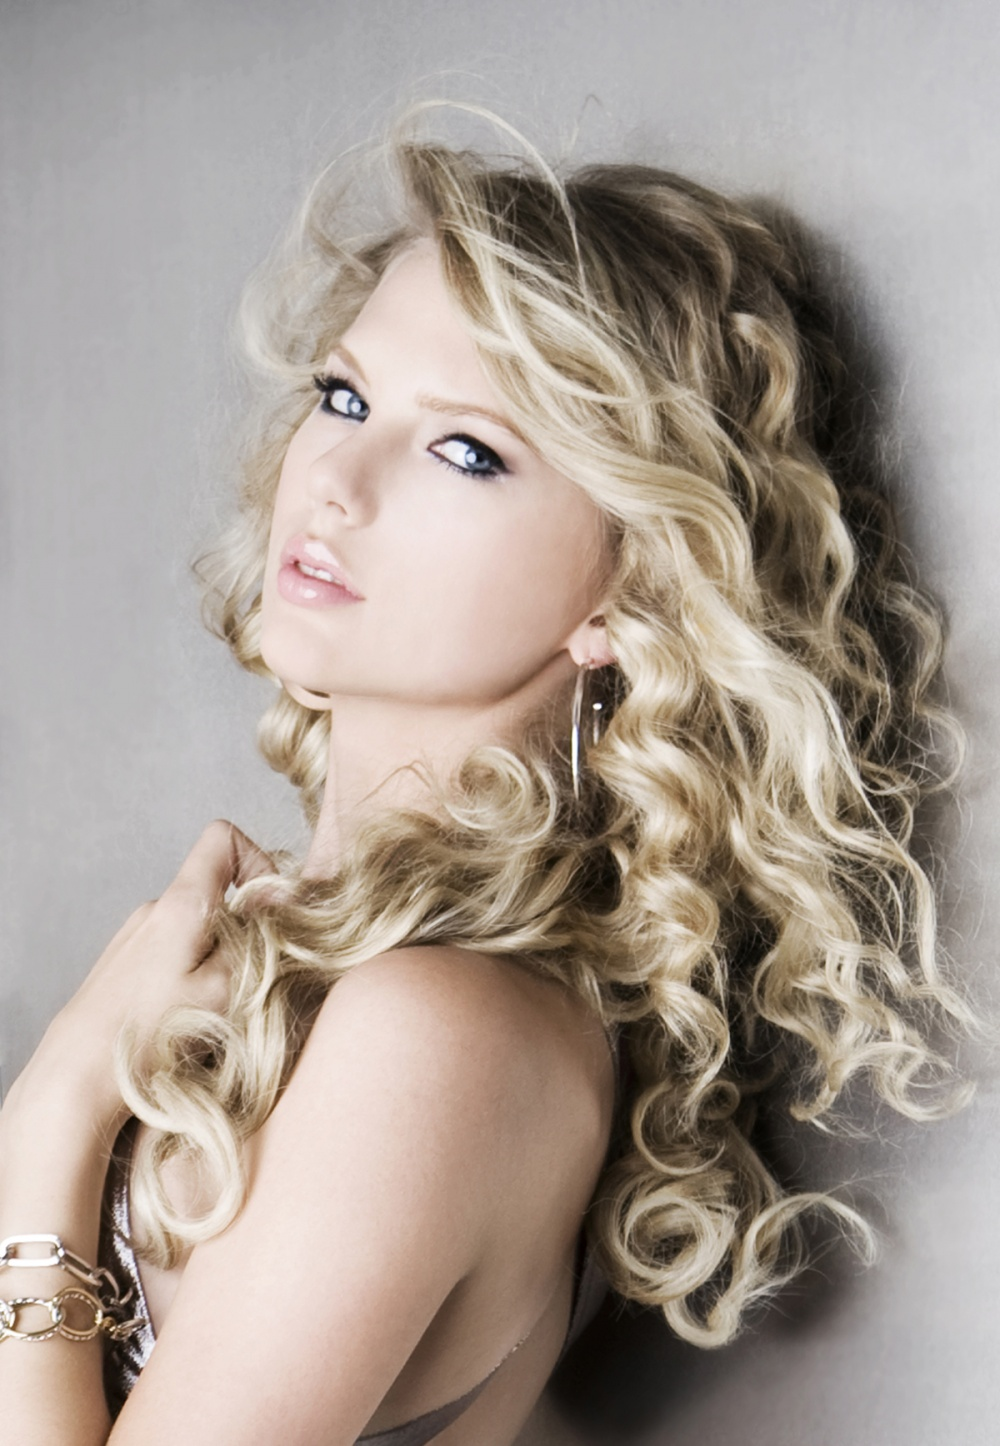 Фото худых блондинок с длинными волосами 26 фотография